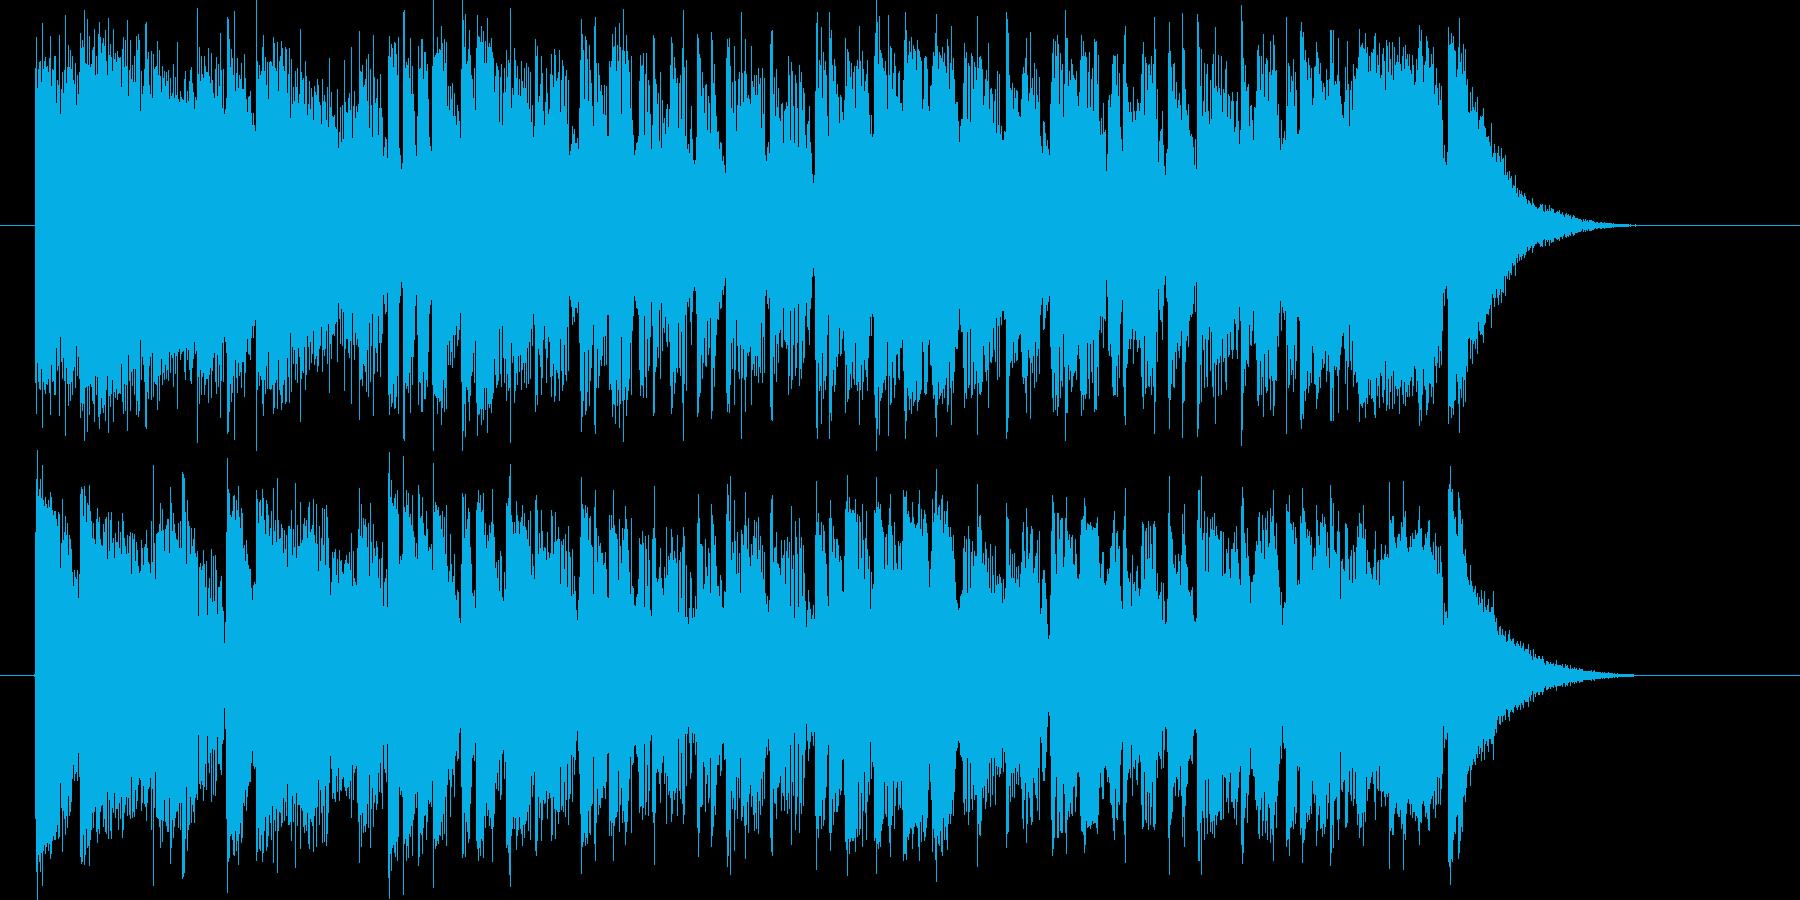 躍動感がありトランペットが印象的なBGMの再生済みの波形